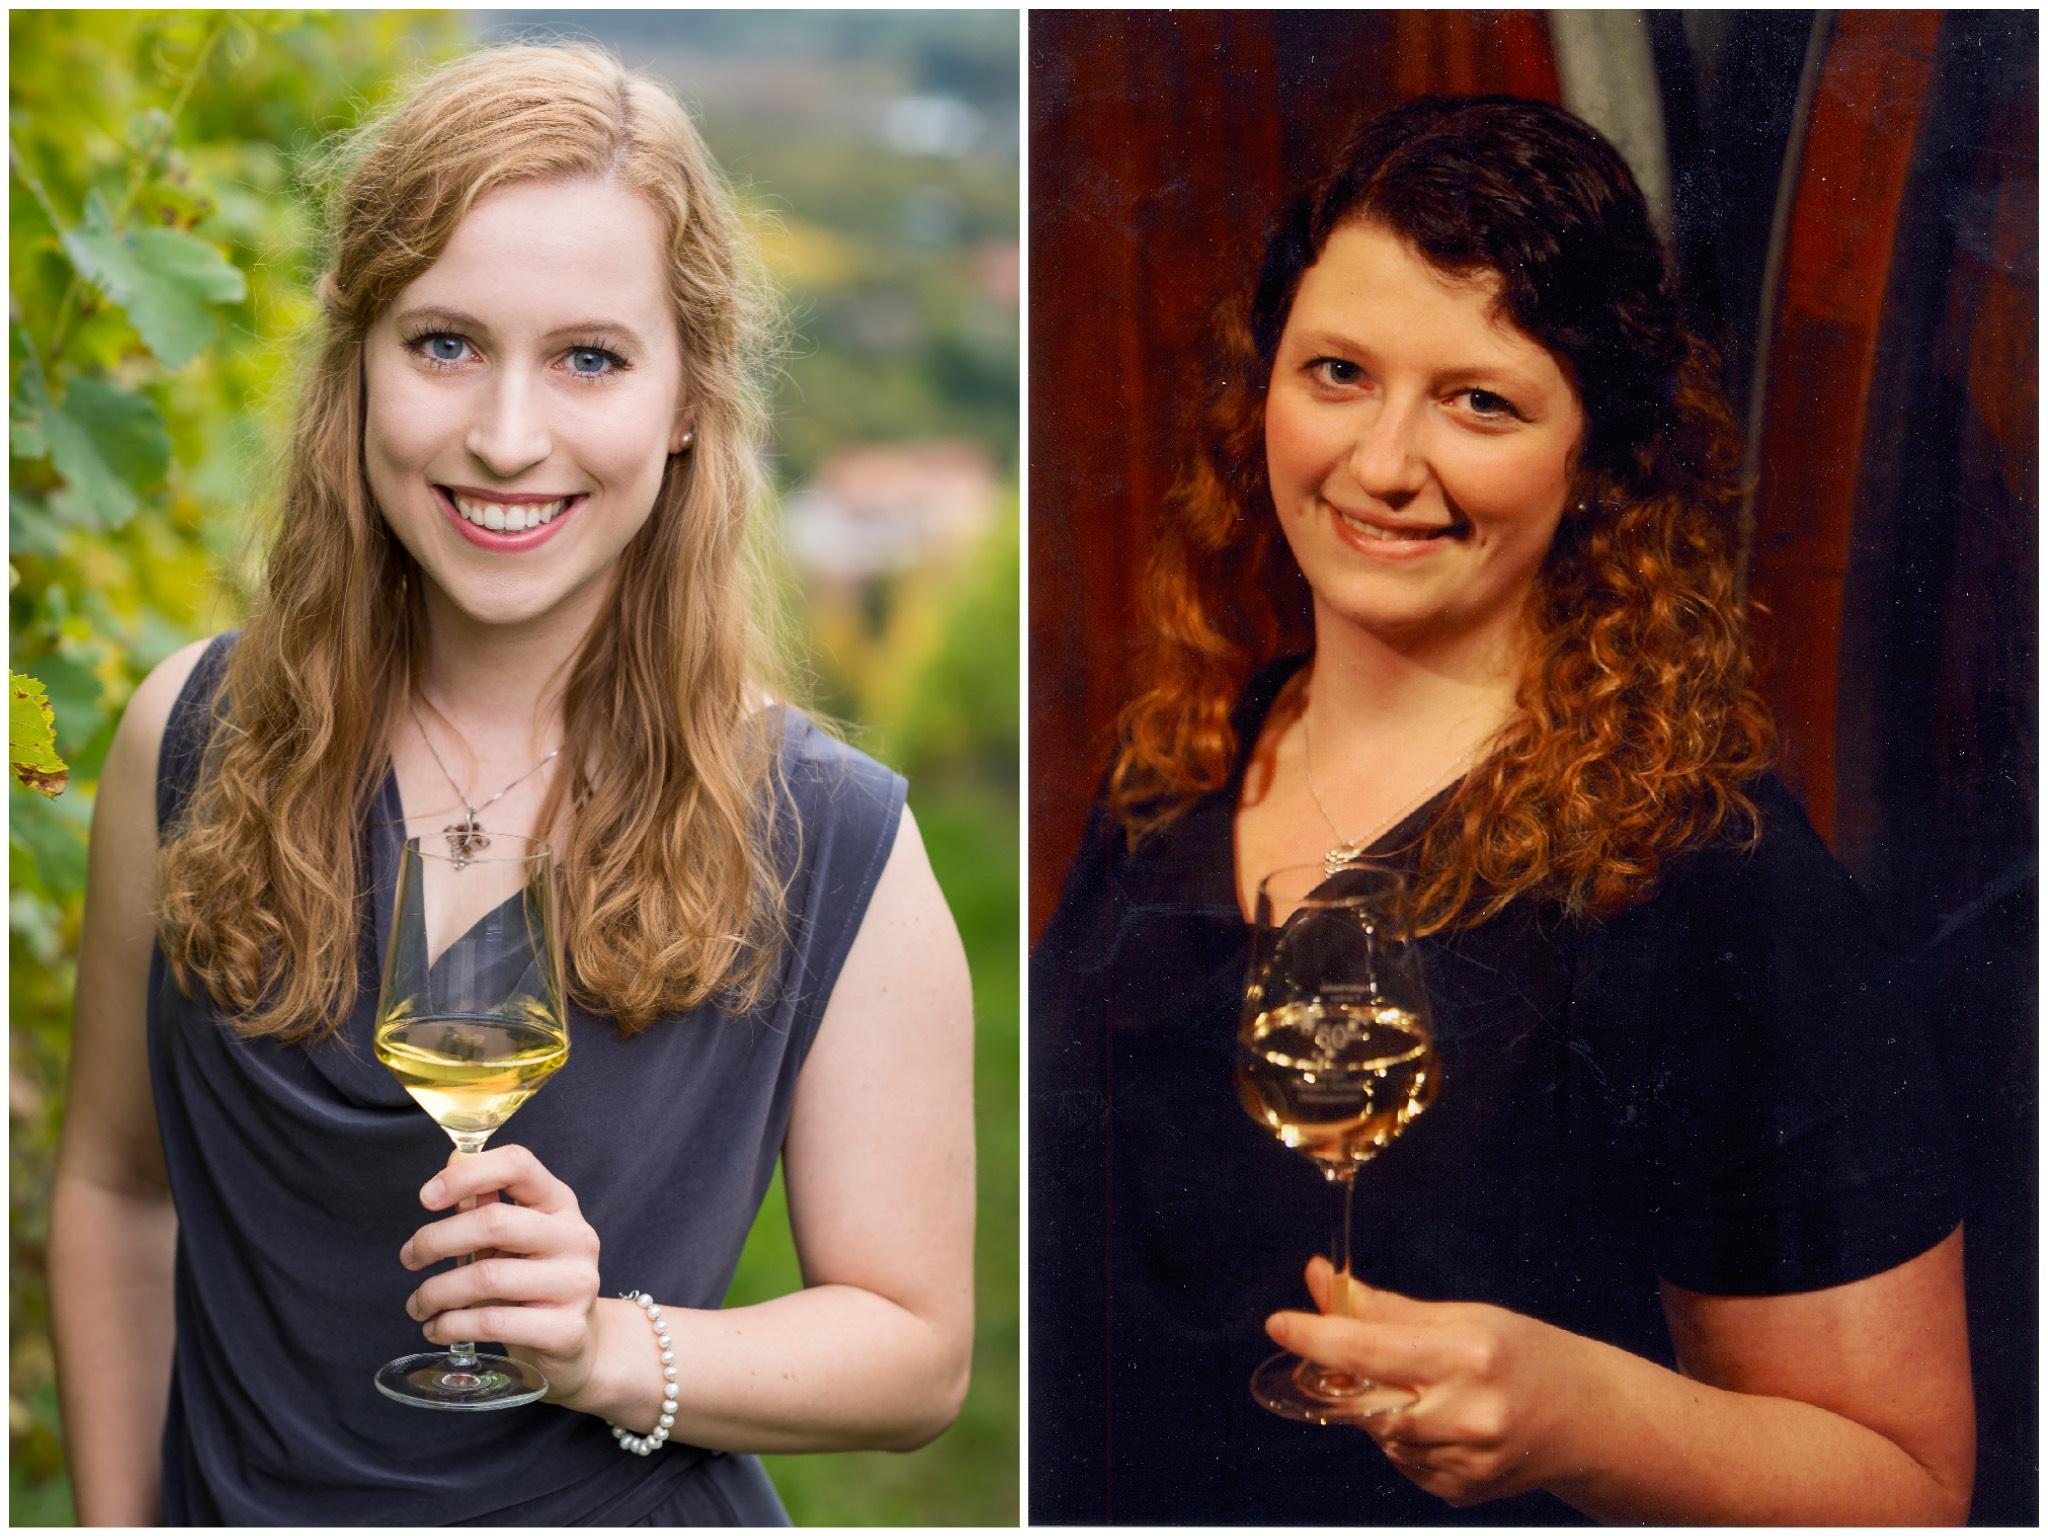 Klara Zehner (links) und Marina Prust (rechts). Fotos: Fränkischer Weinbauverband e.V.